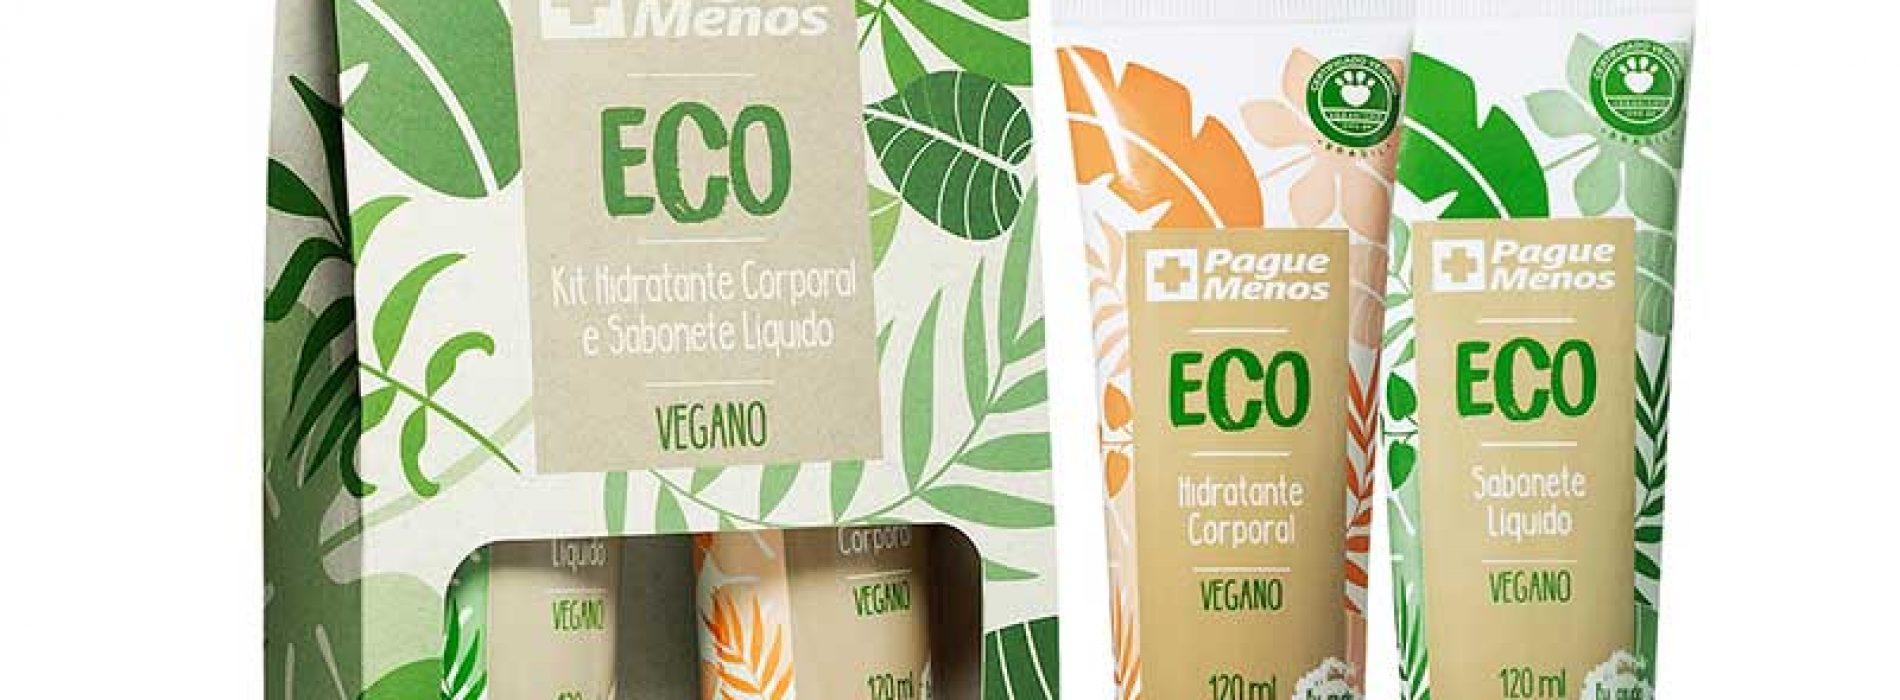 Pague Menos cria marca própria sustentável